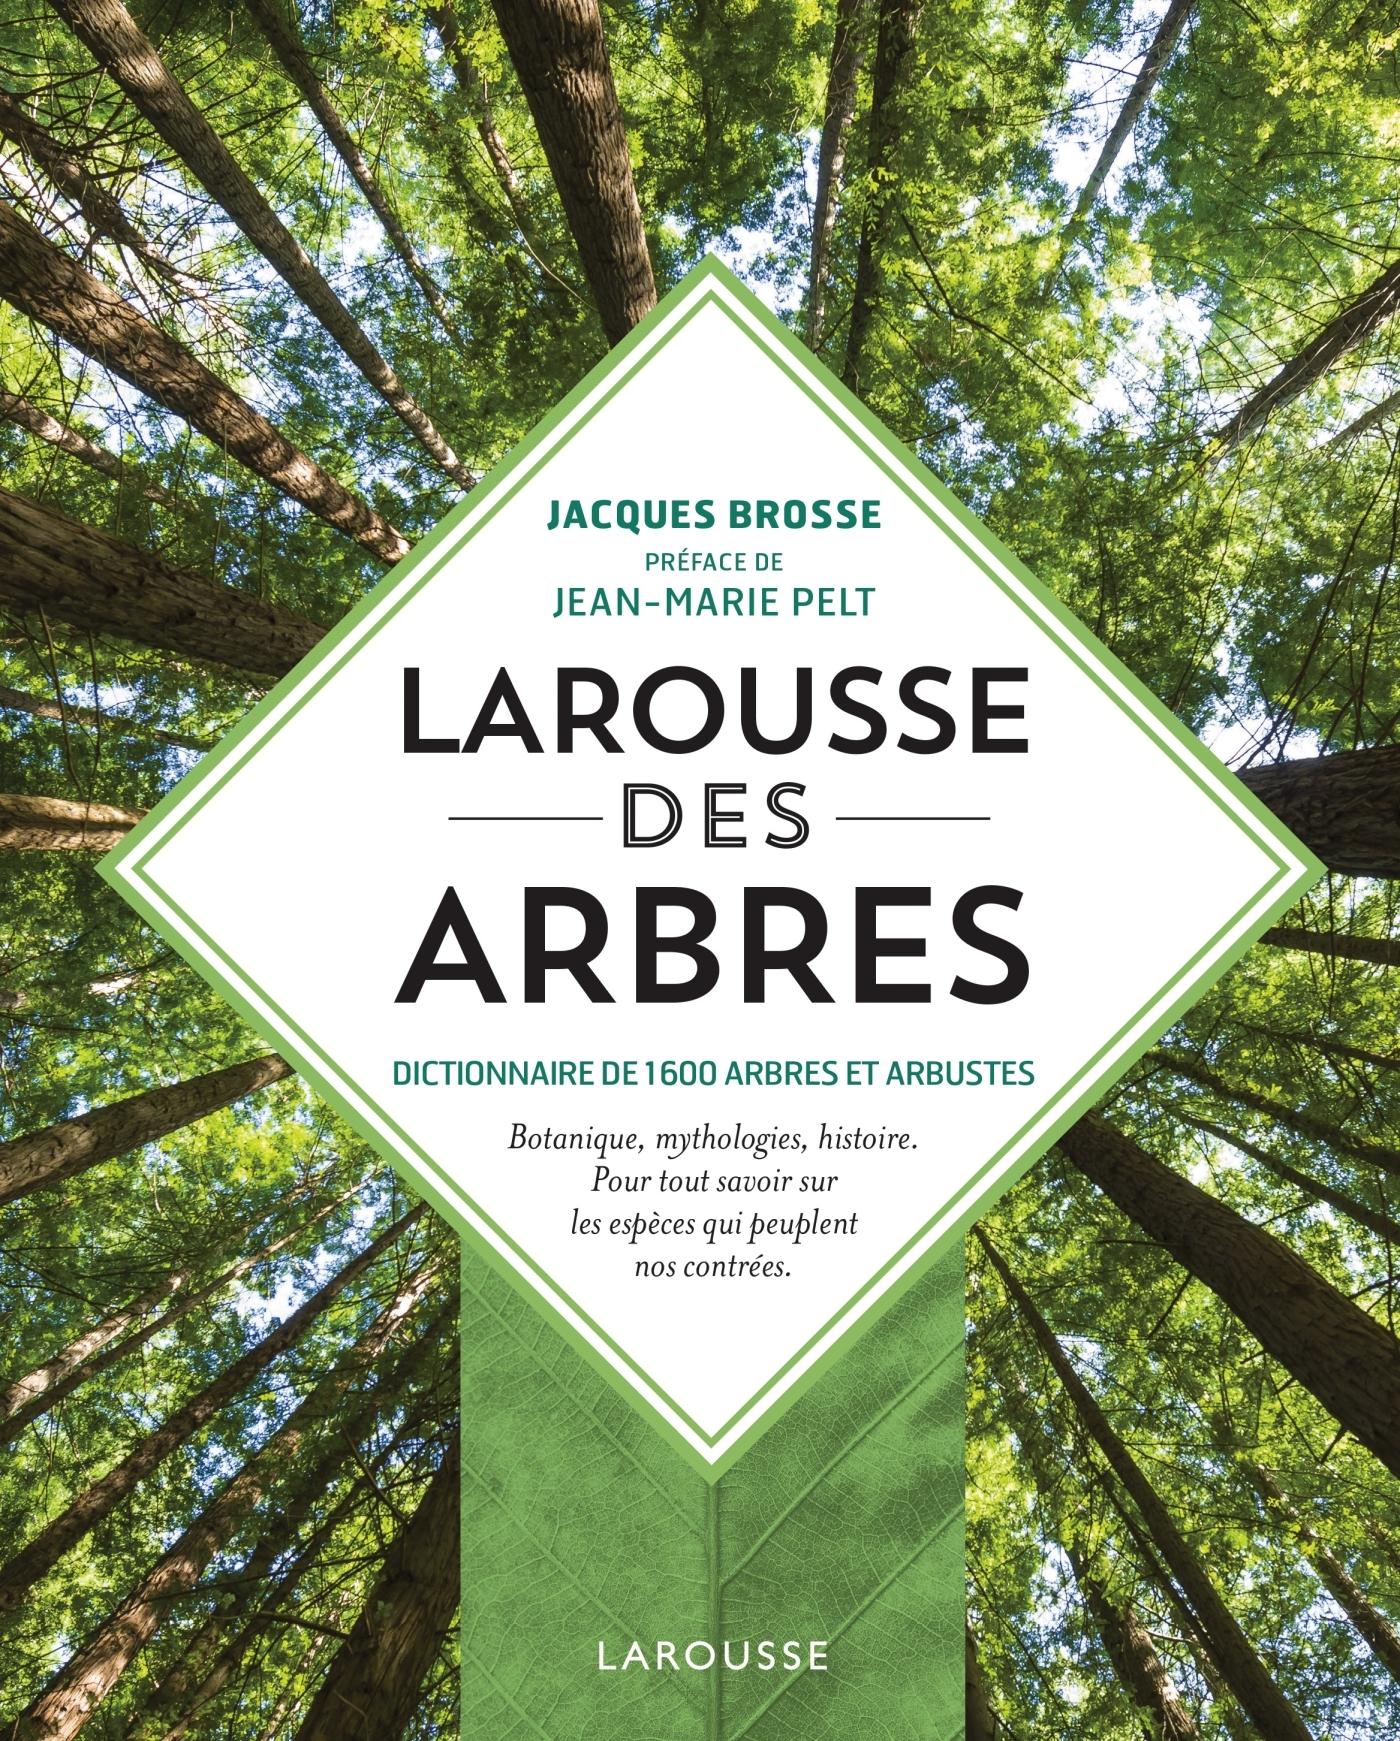 LAROUSSE DES ARBRES